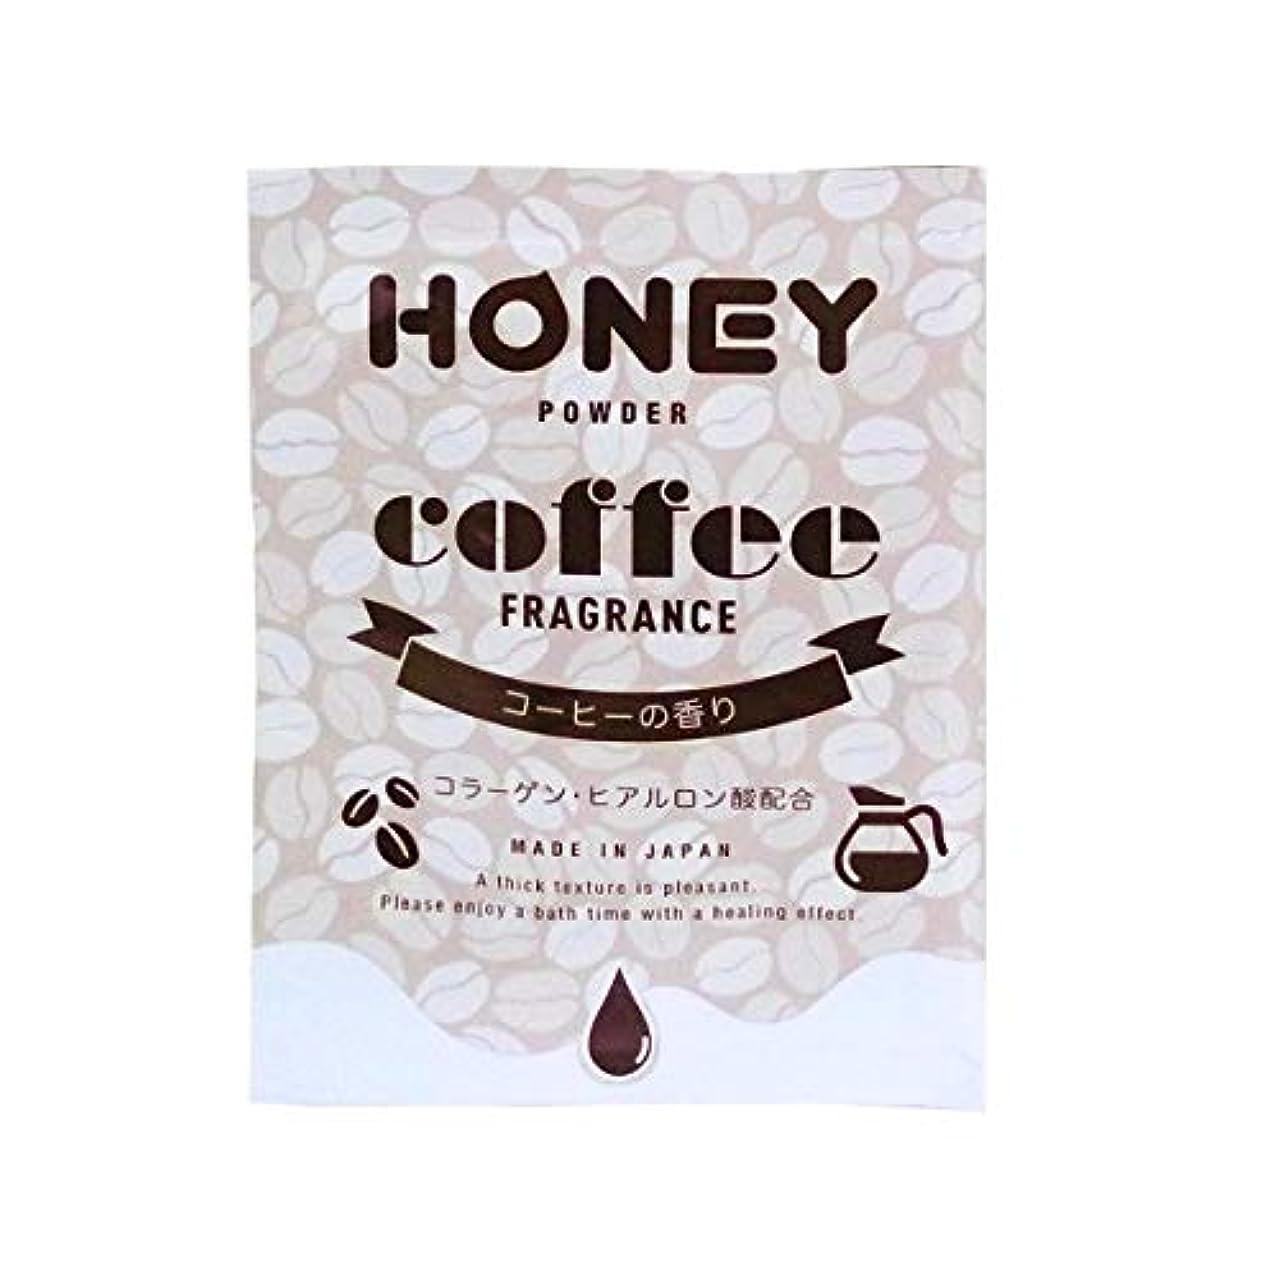 匿名清める多くの危険がある状況とろとろ入浴剤【honey powder】(ハニーパウダー) コーヒーの香り 粉末タイプ ローション